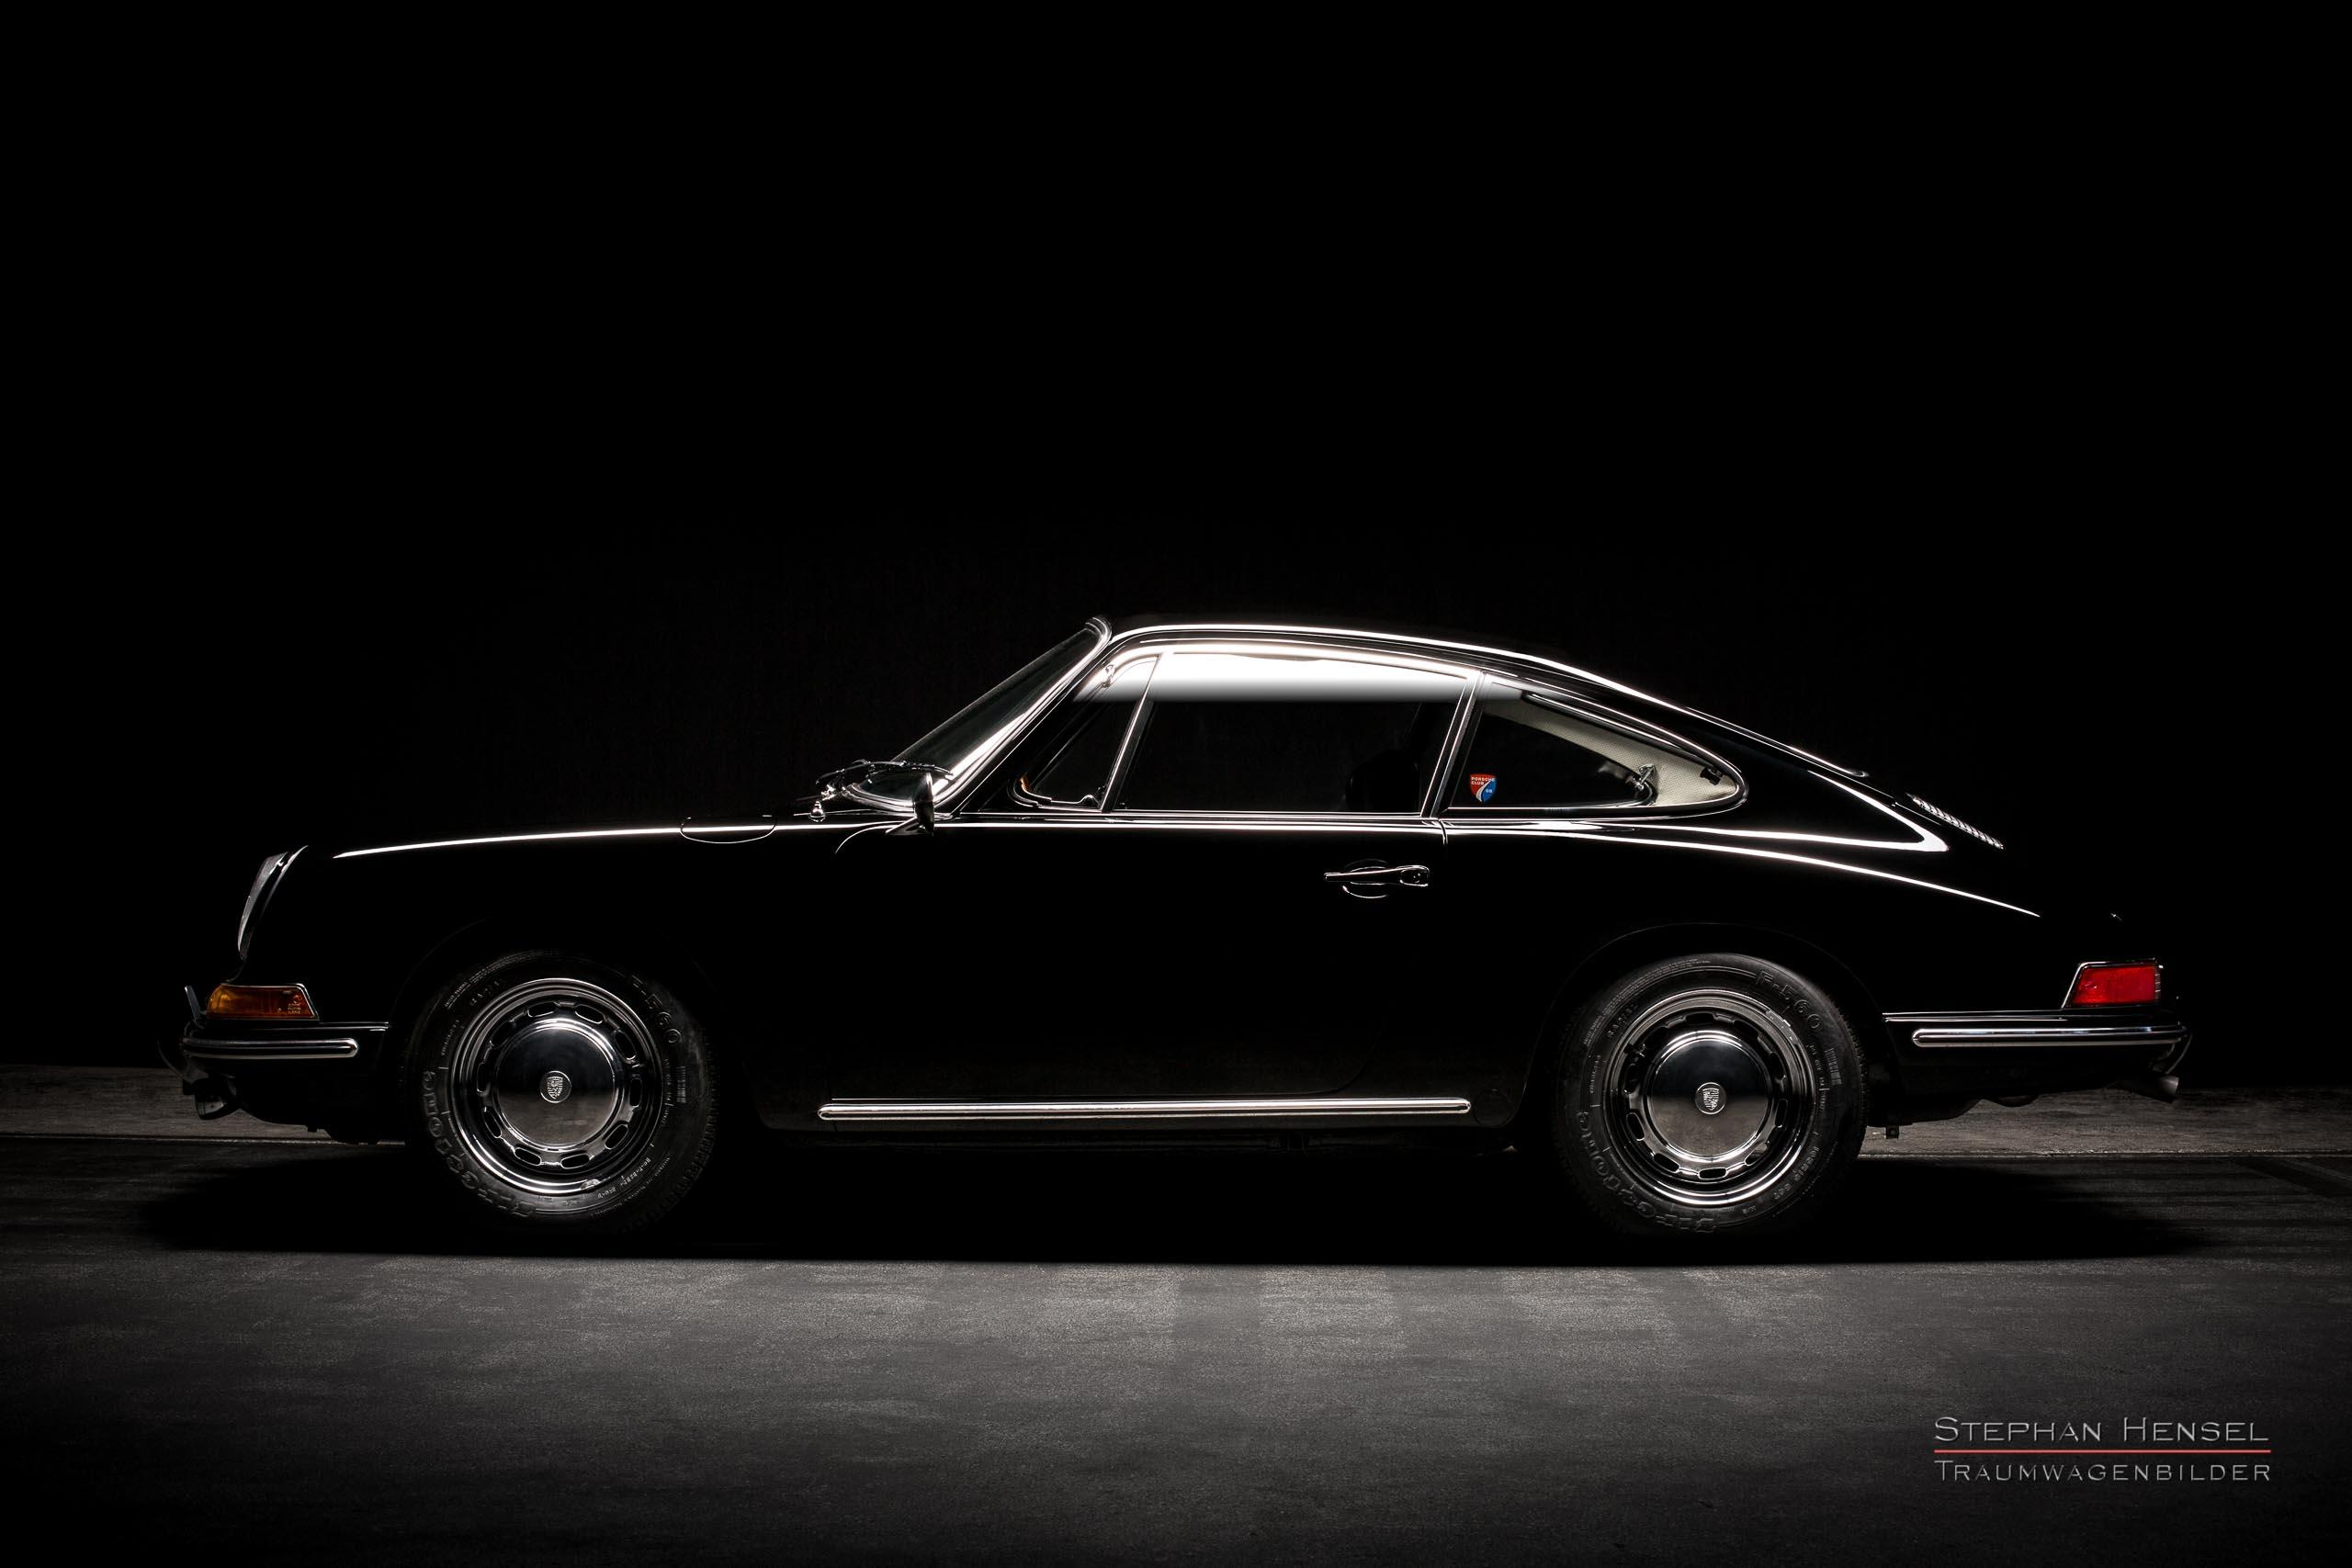 Porsche 912, Seitenansicht von links, Autofotograf: Stephan Hensel, Oldtimerfotograf, Hamburg